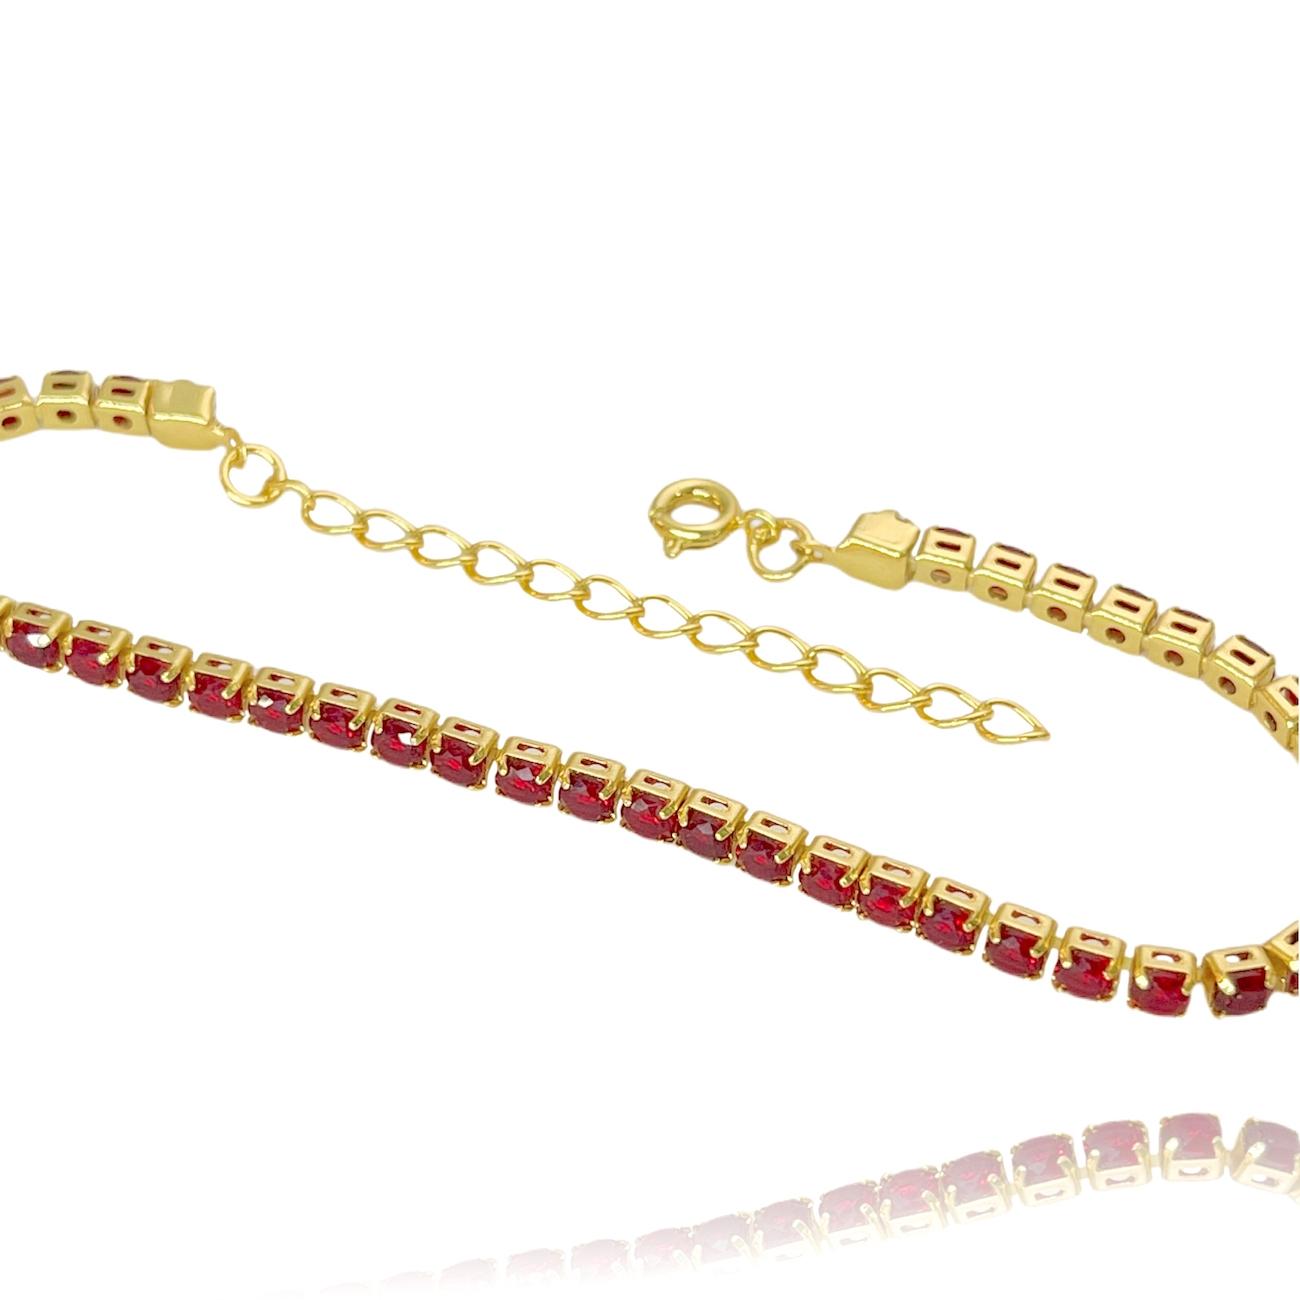 Pulseira Riviera 3mm (Pedras de Zircônia Vermelha) (Fecho Tradicional) (Banho Ouro 24k)